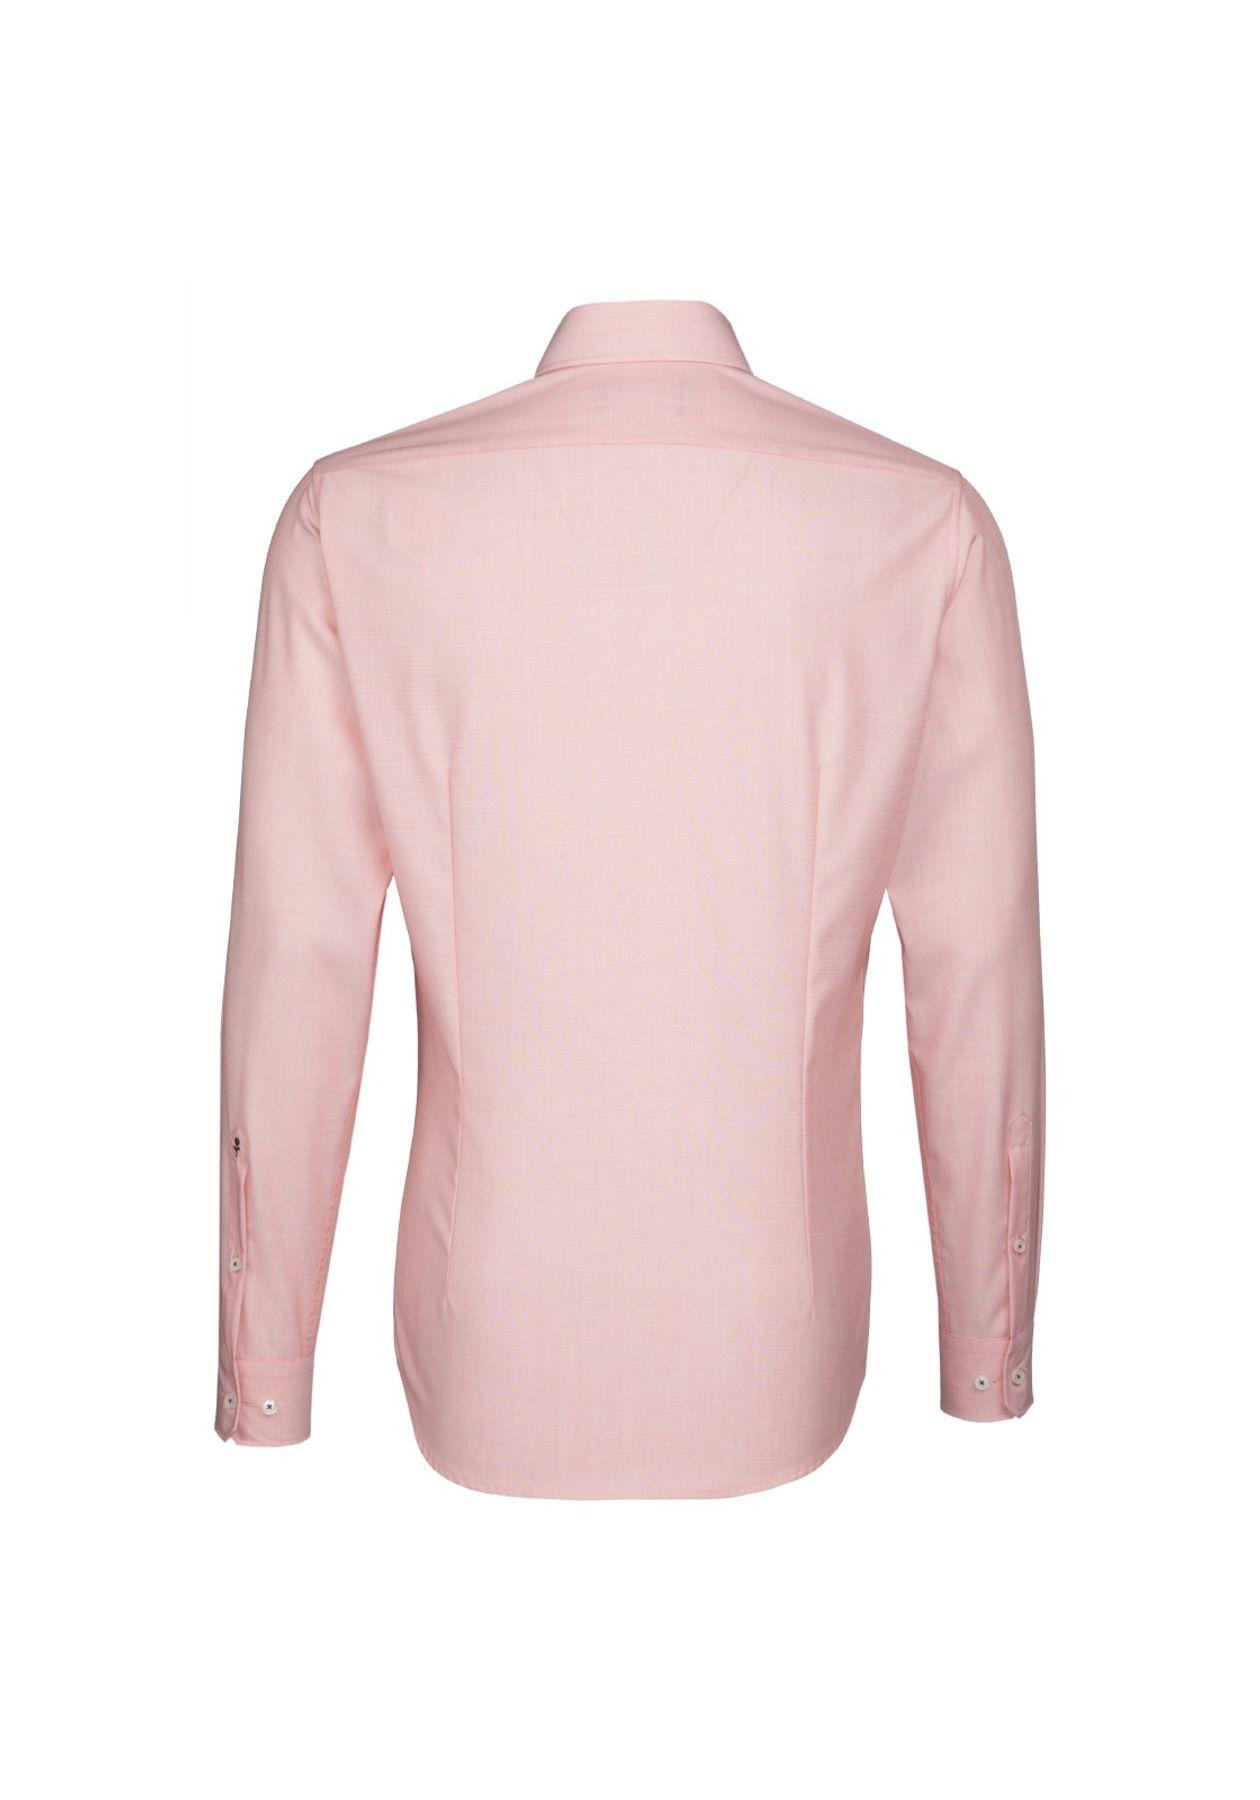 Seidensticker - Herren Hemd, Bügelfrei, Tailored, Schwarze Rose mit Kent Kragen in verschiedenen Farben (01.246236) – Bild 10